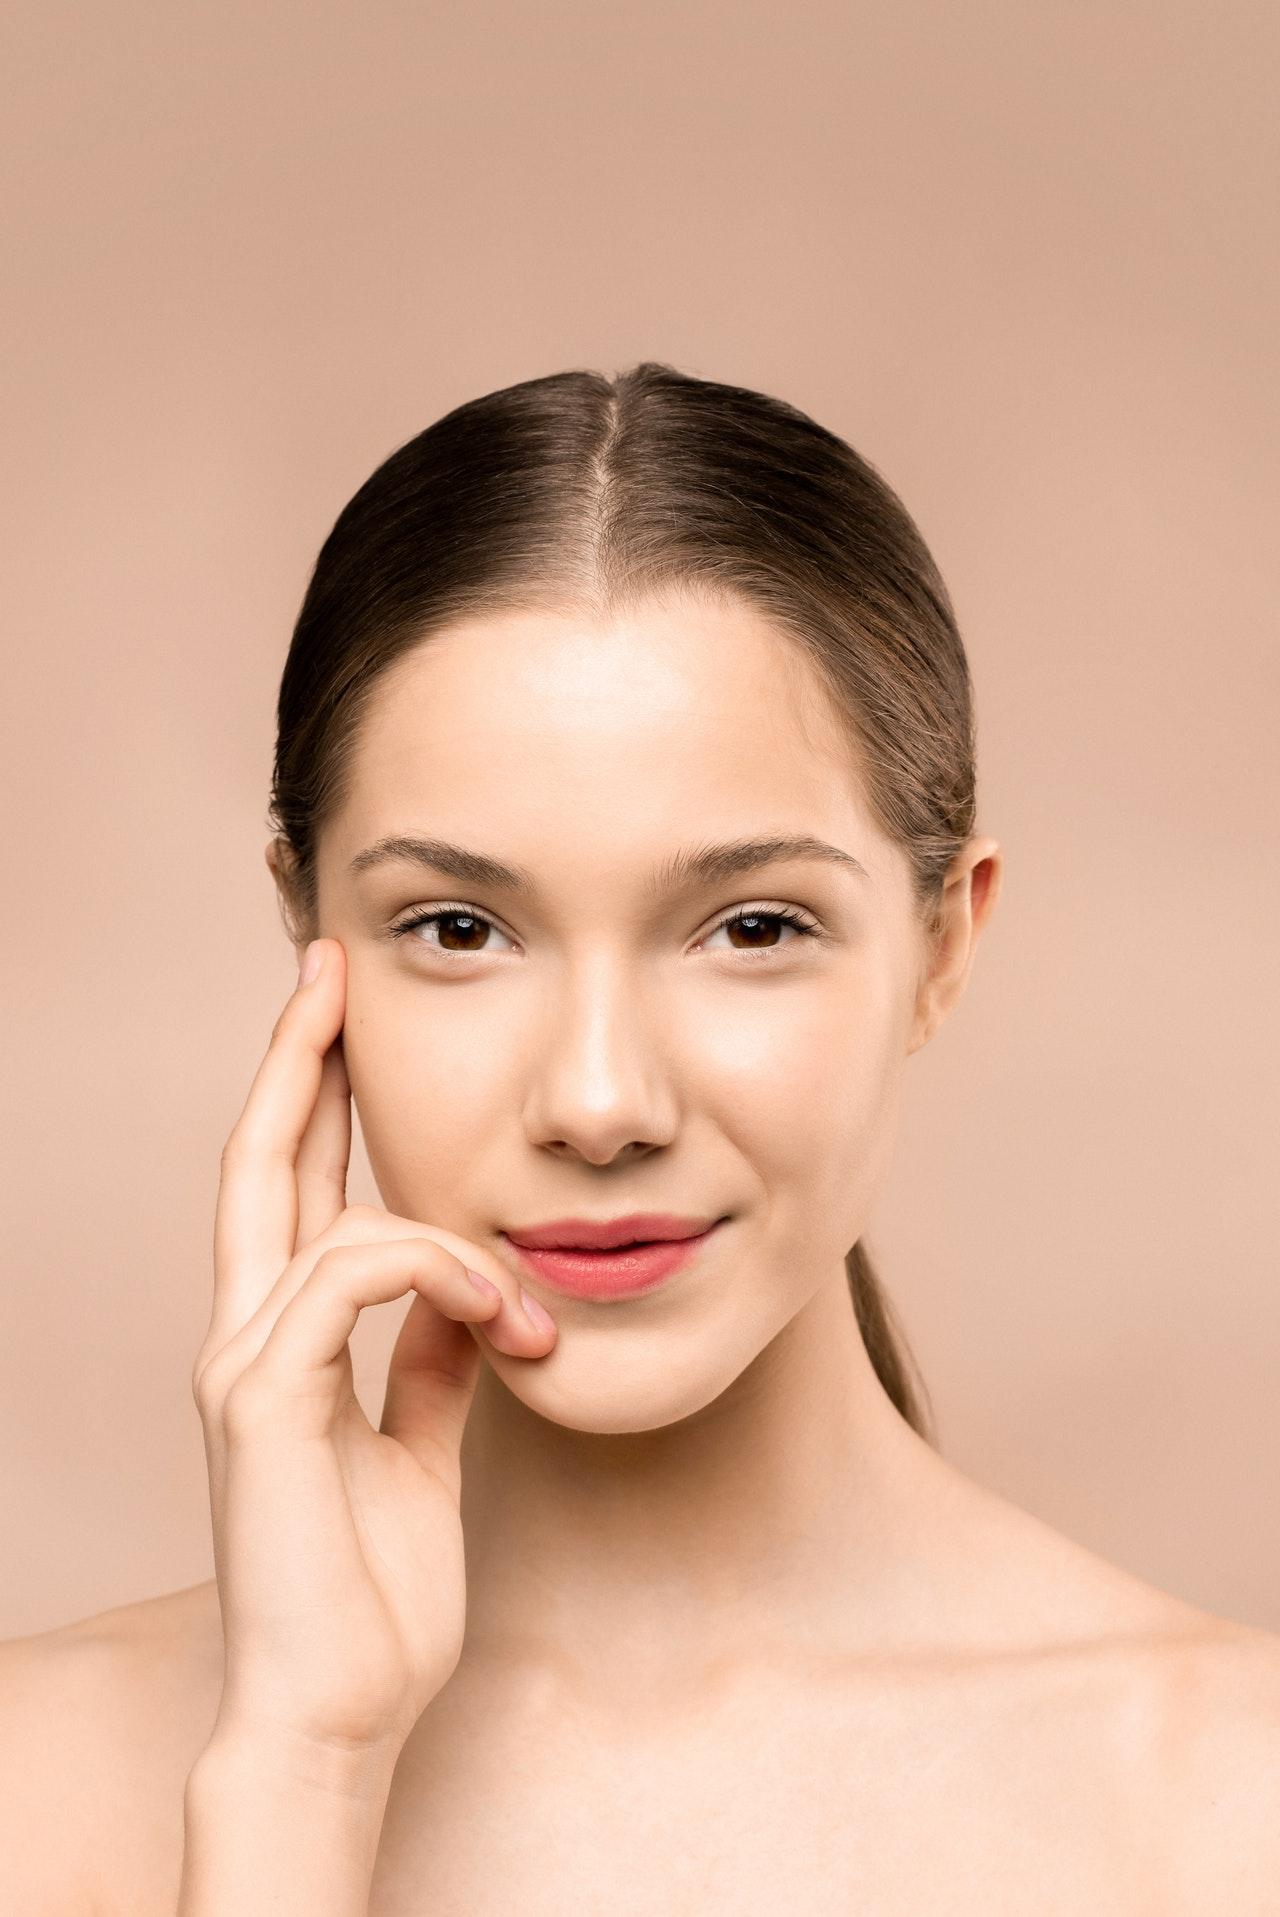 ¿De dónde proviene la doble limpieza facial?